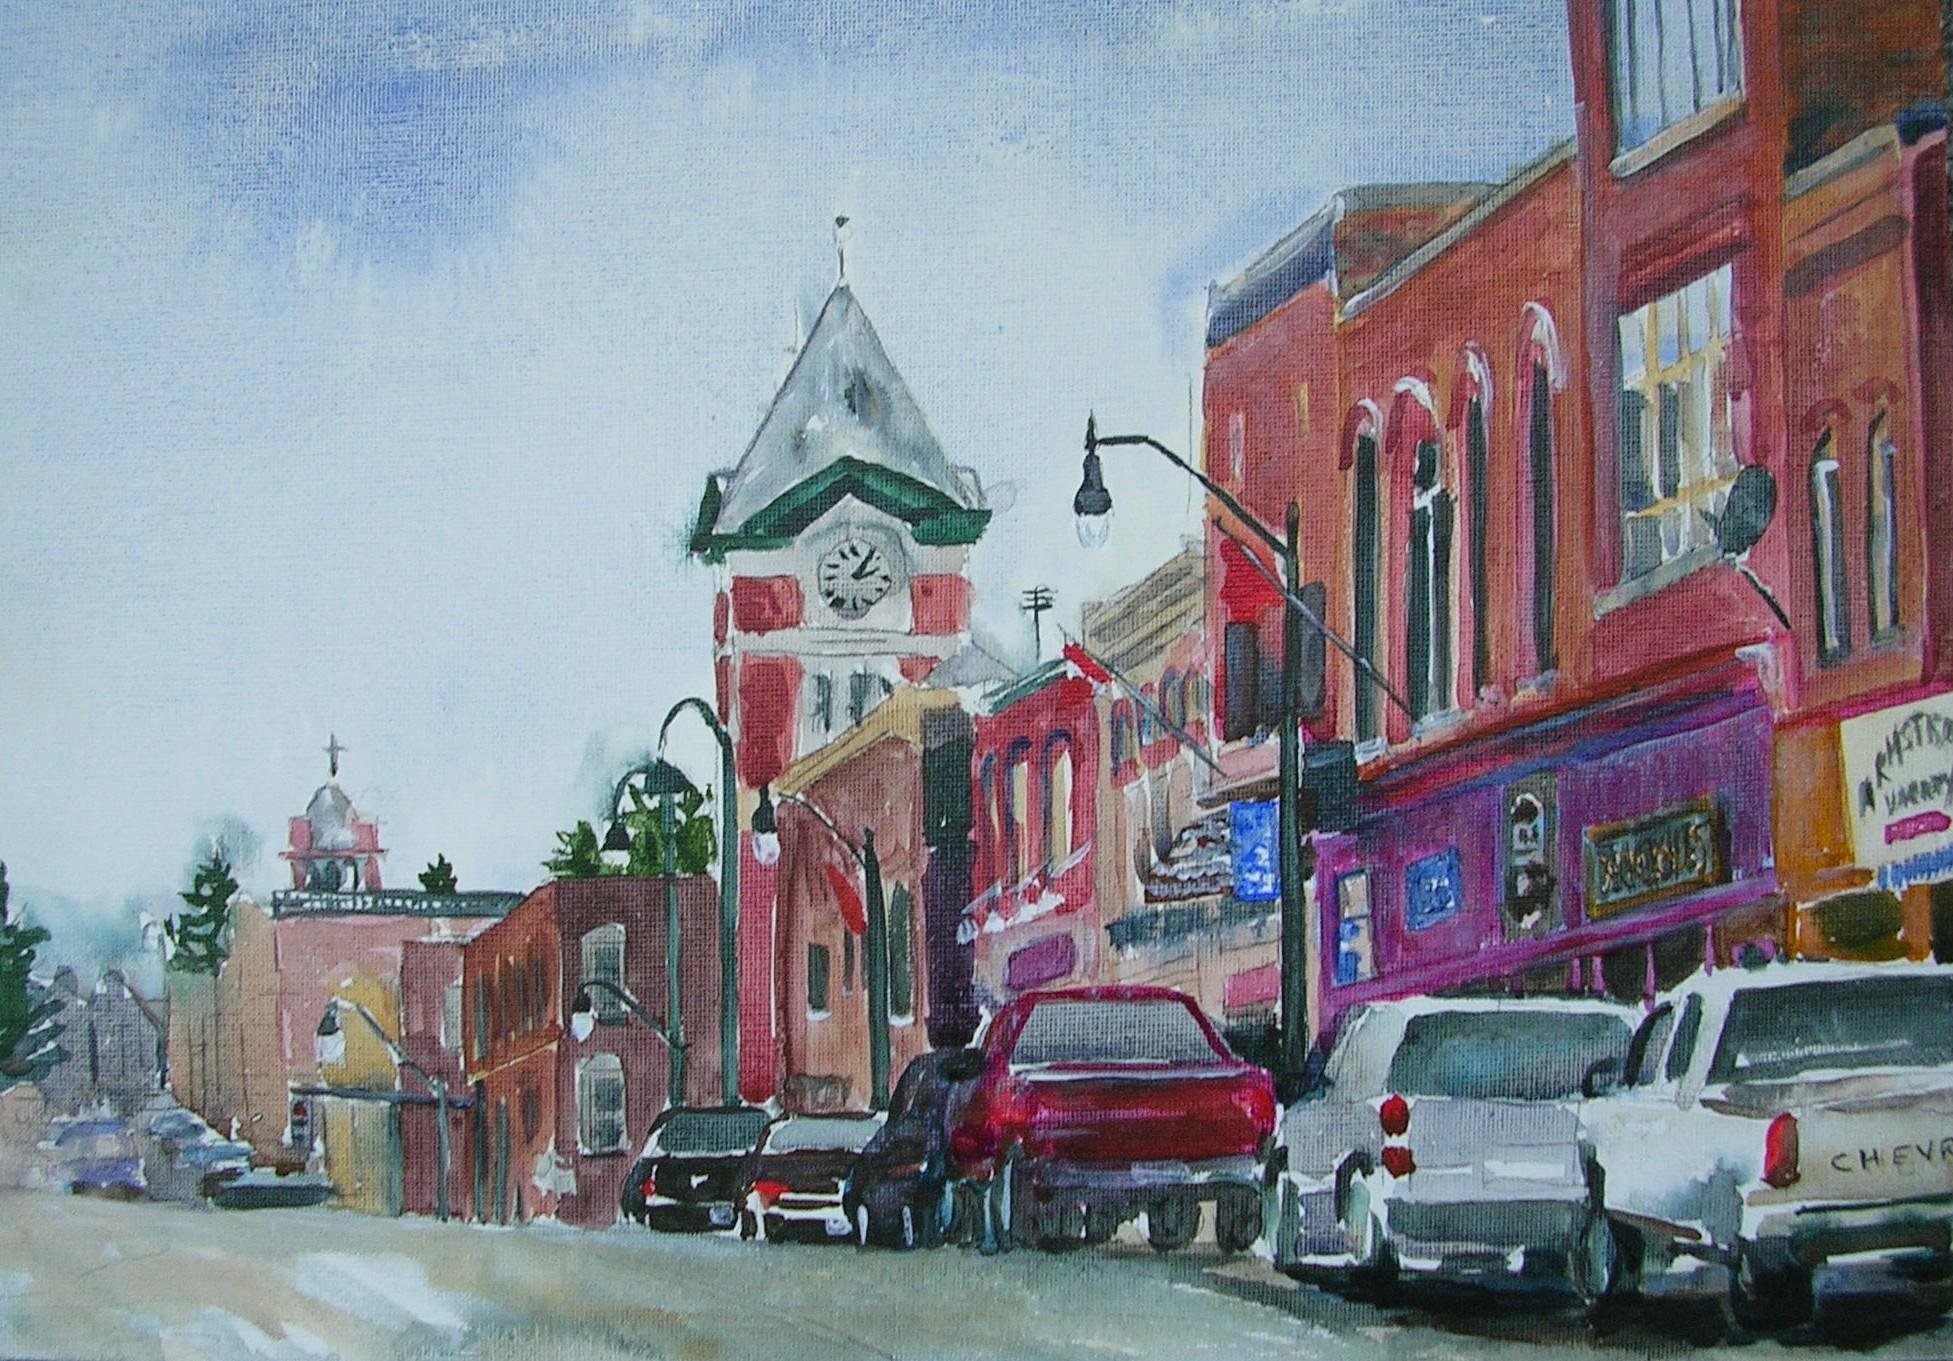 Manitoba Street I